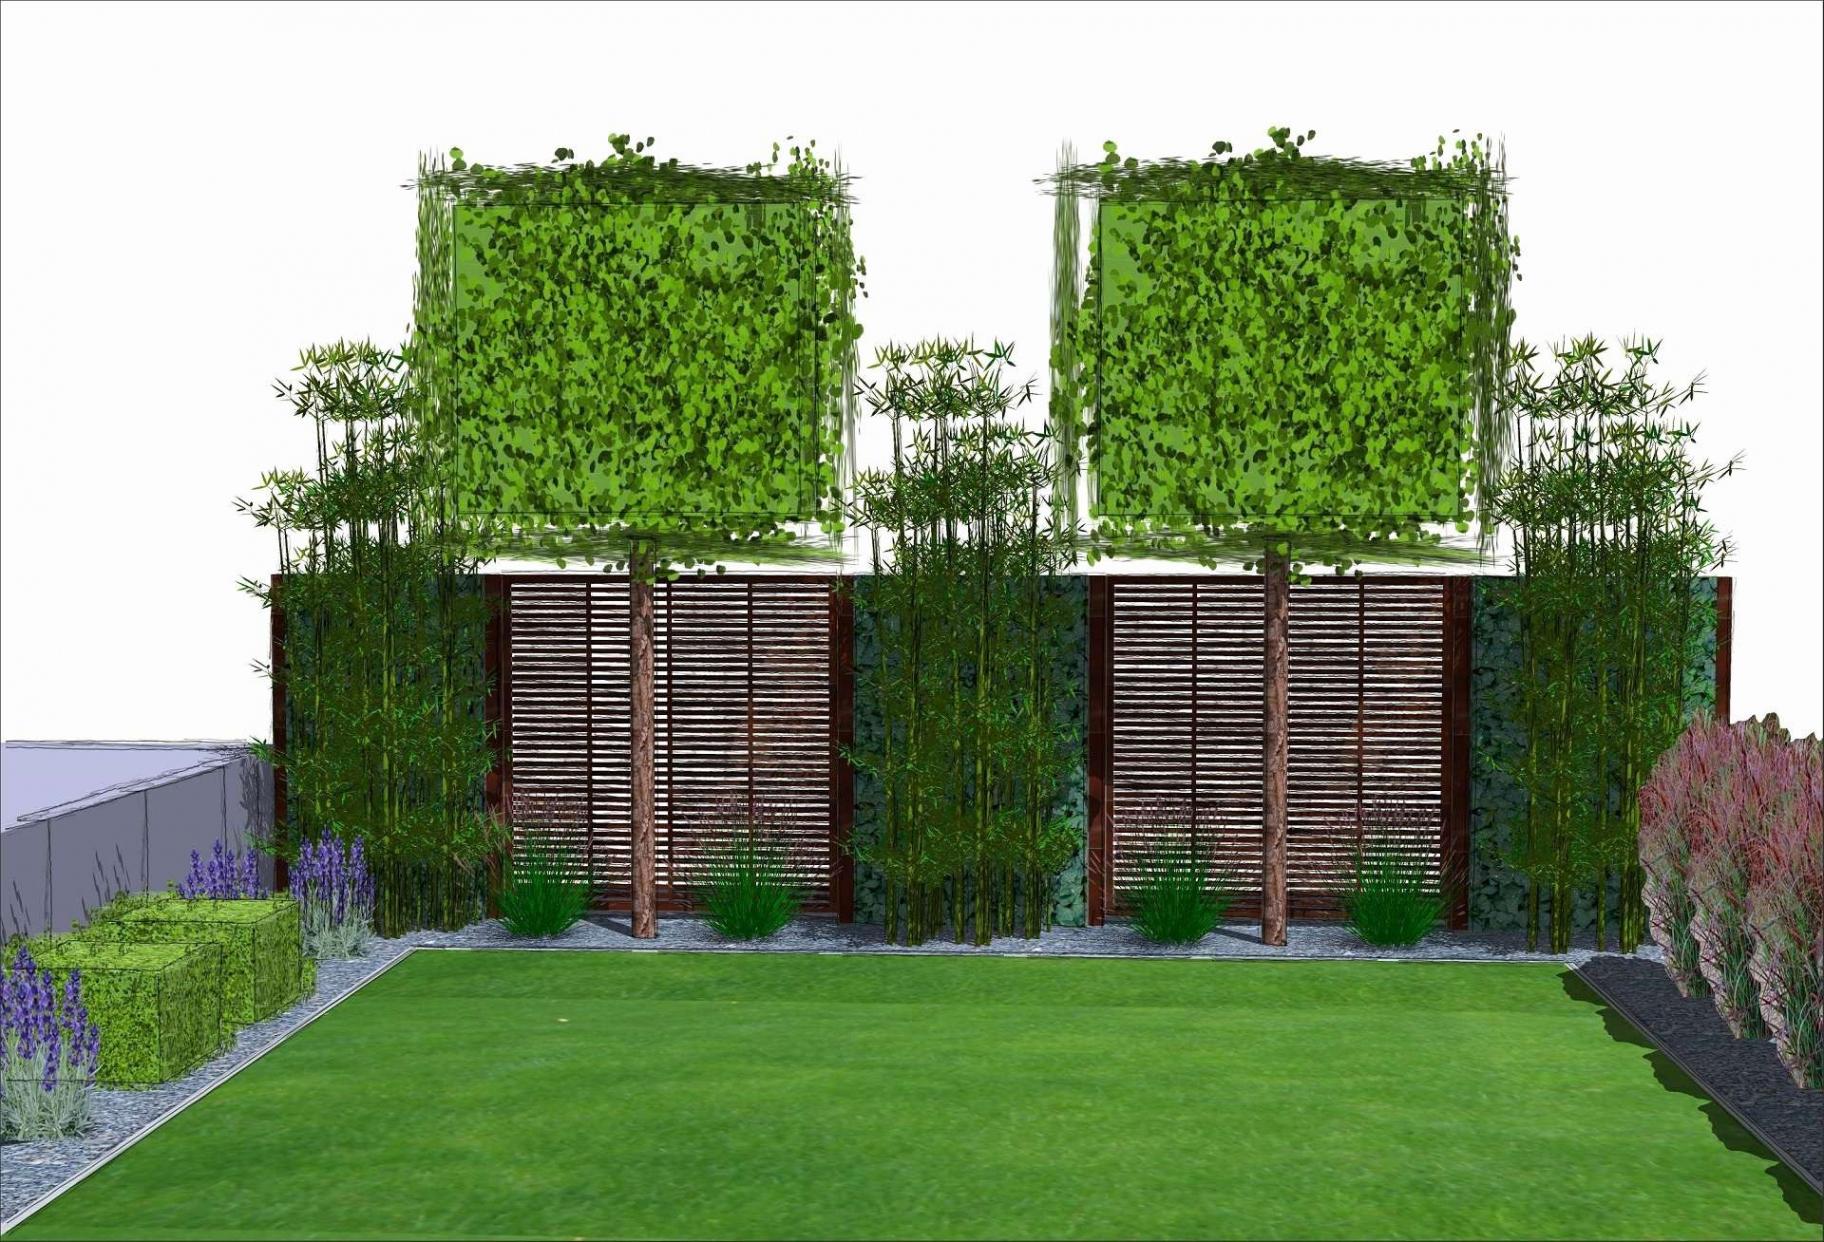 Garten Pflanzen Schön Garten Pflanzen Sichtschutz Genial Garten Pflanzen